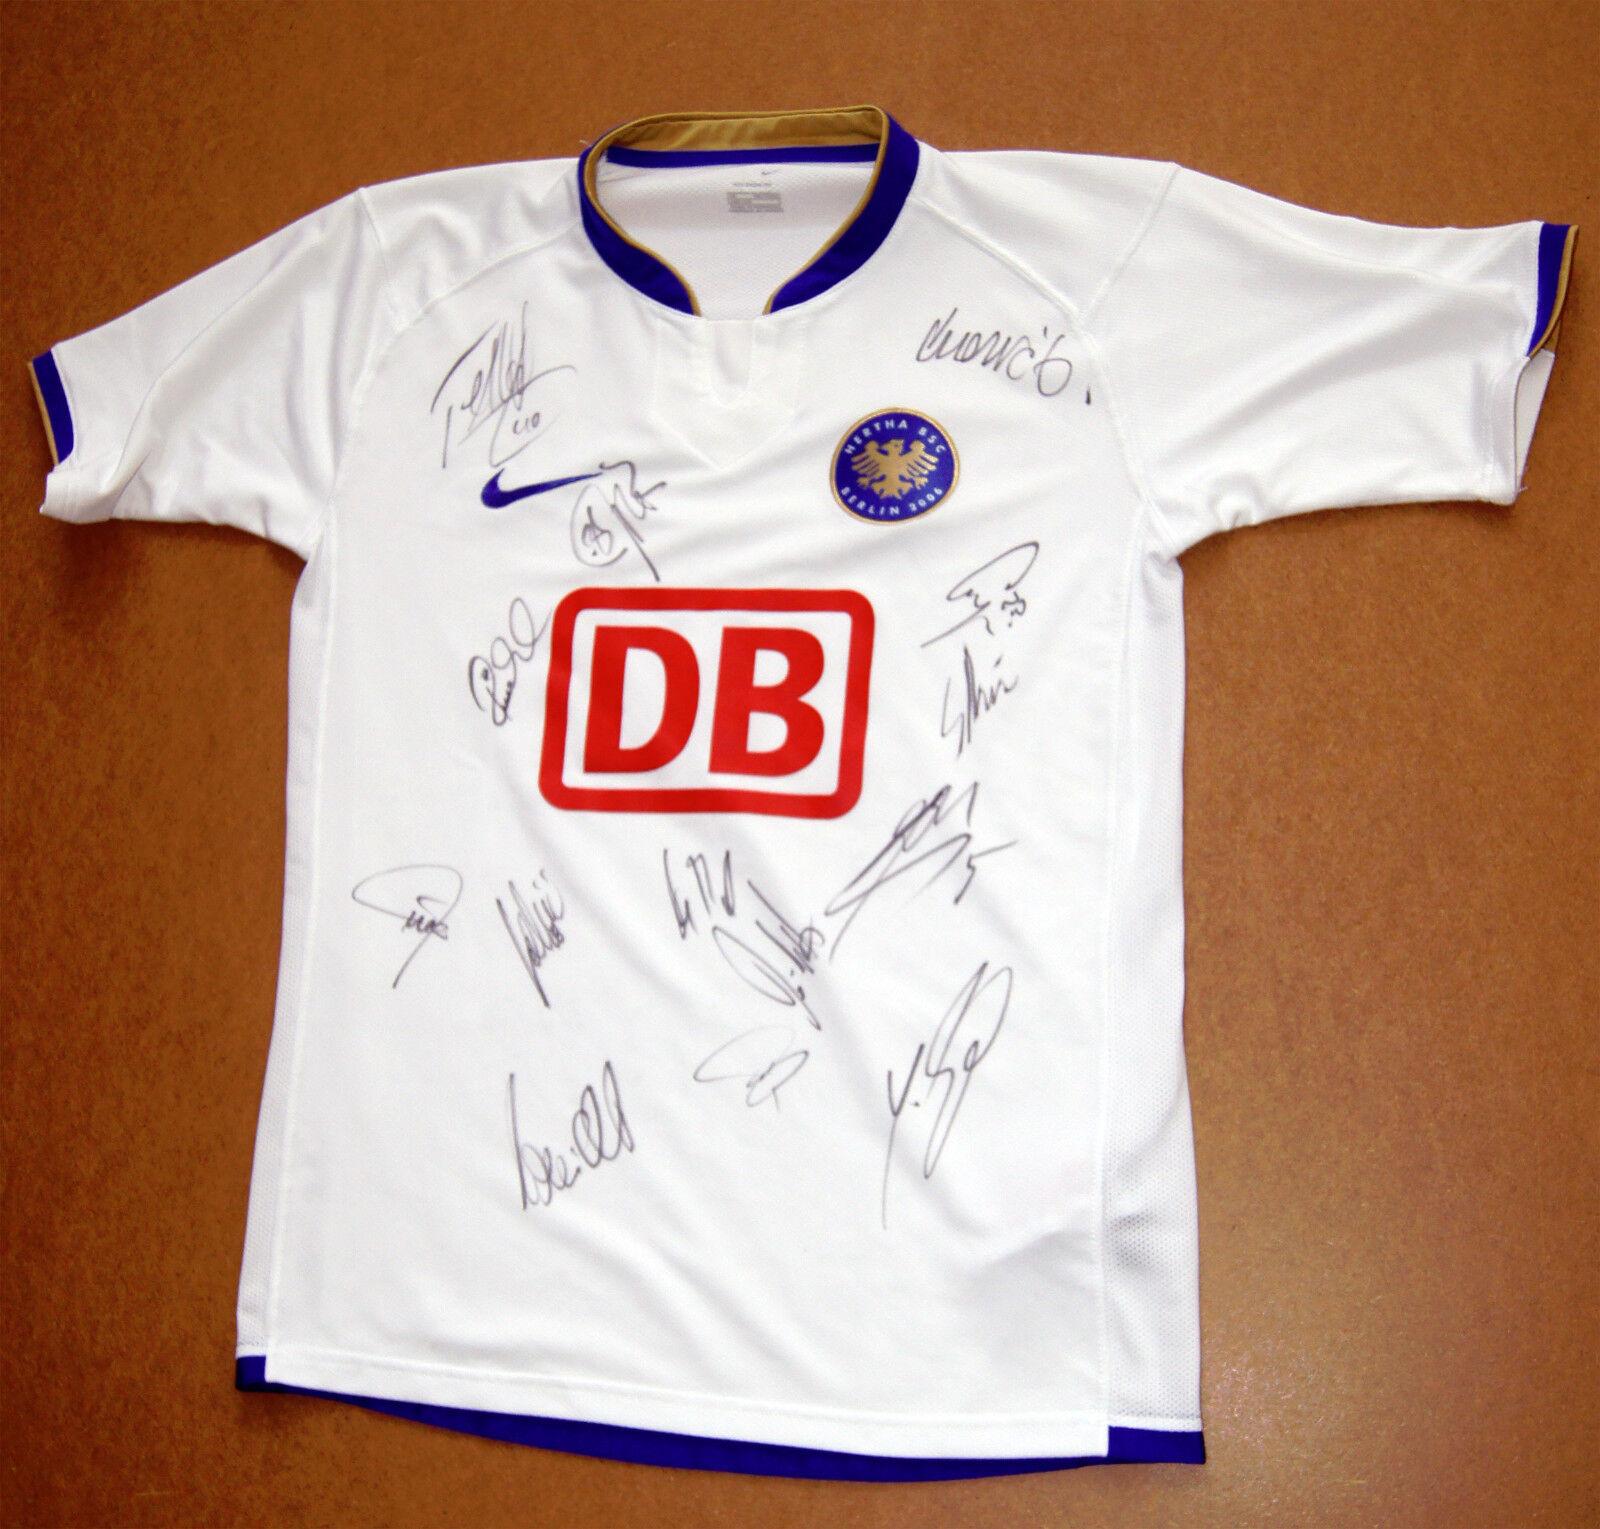 Trikot Jersey Hertha BSC 31 Autogramme Boateng football shirt P1-46